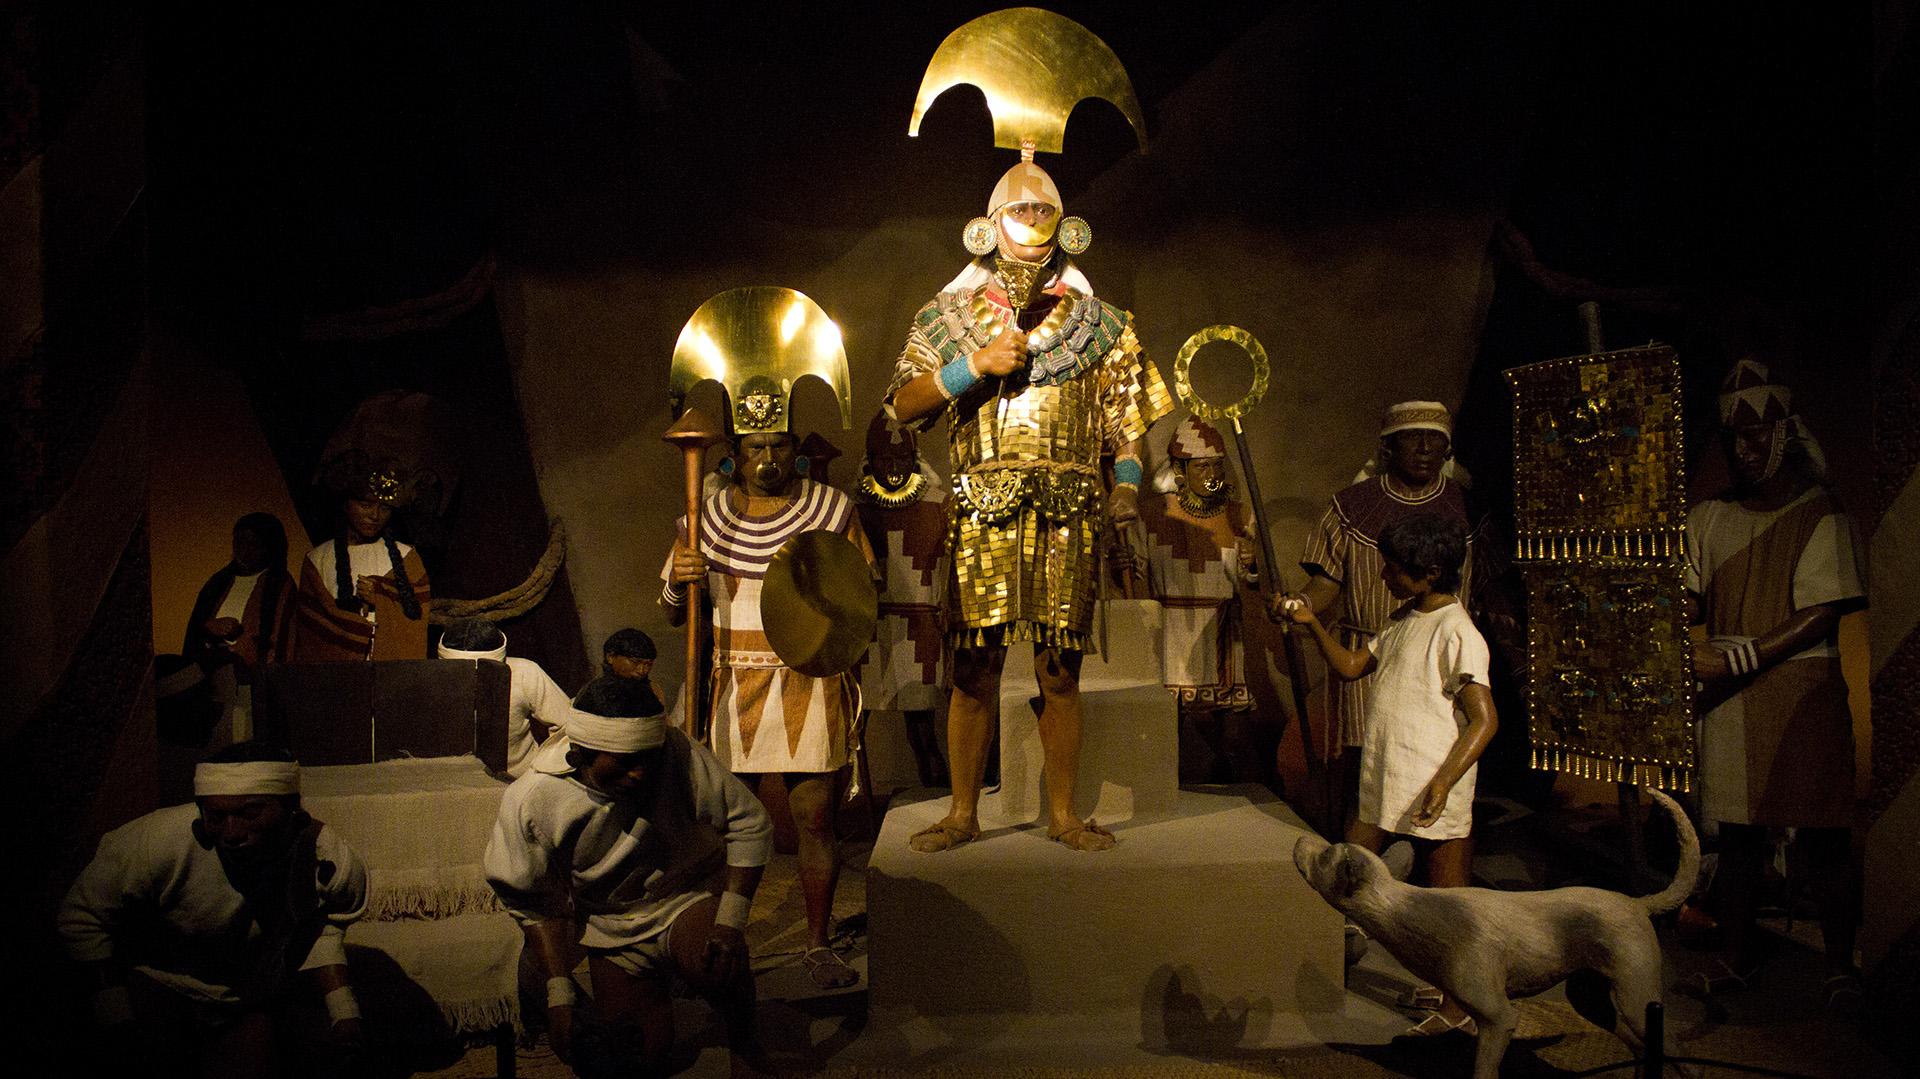 Representación del Señor de Sipán y su séquito, en el Museo Tumbas Reales de Sipán